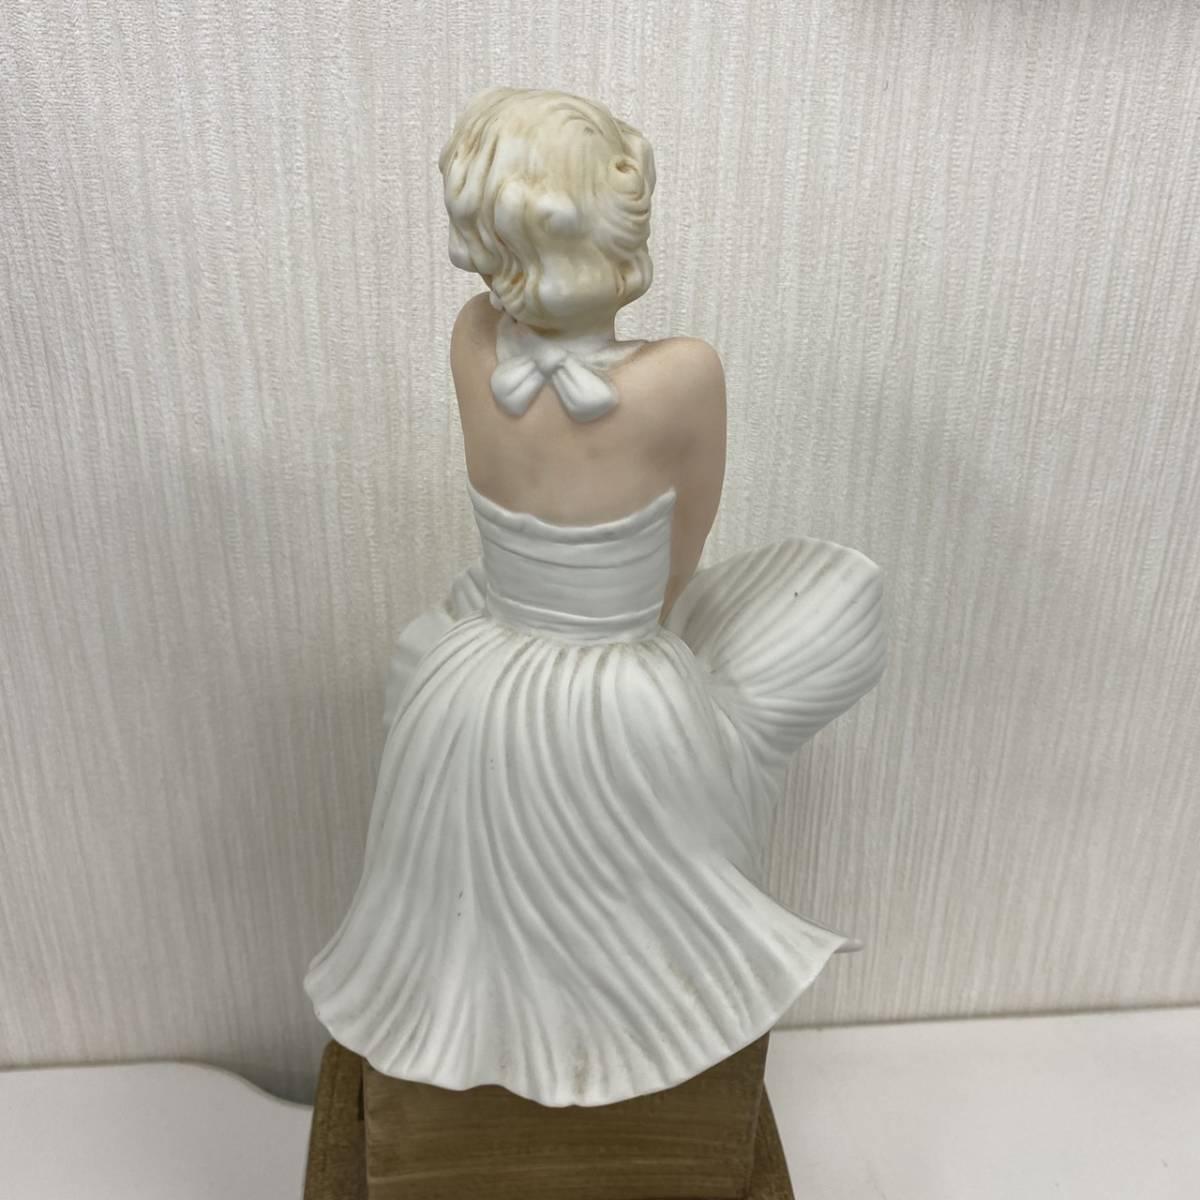 【空瓶】Fascinate Forever 7年目の浮気 マリリンモンロー ウイスキー 陶器_画像5